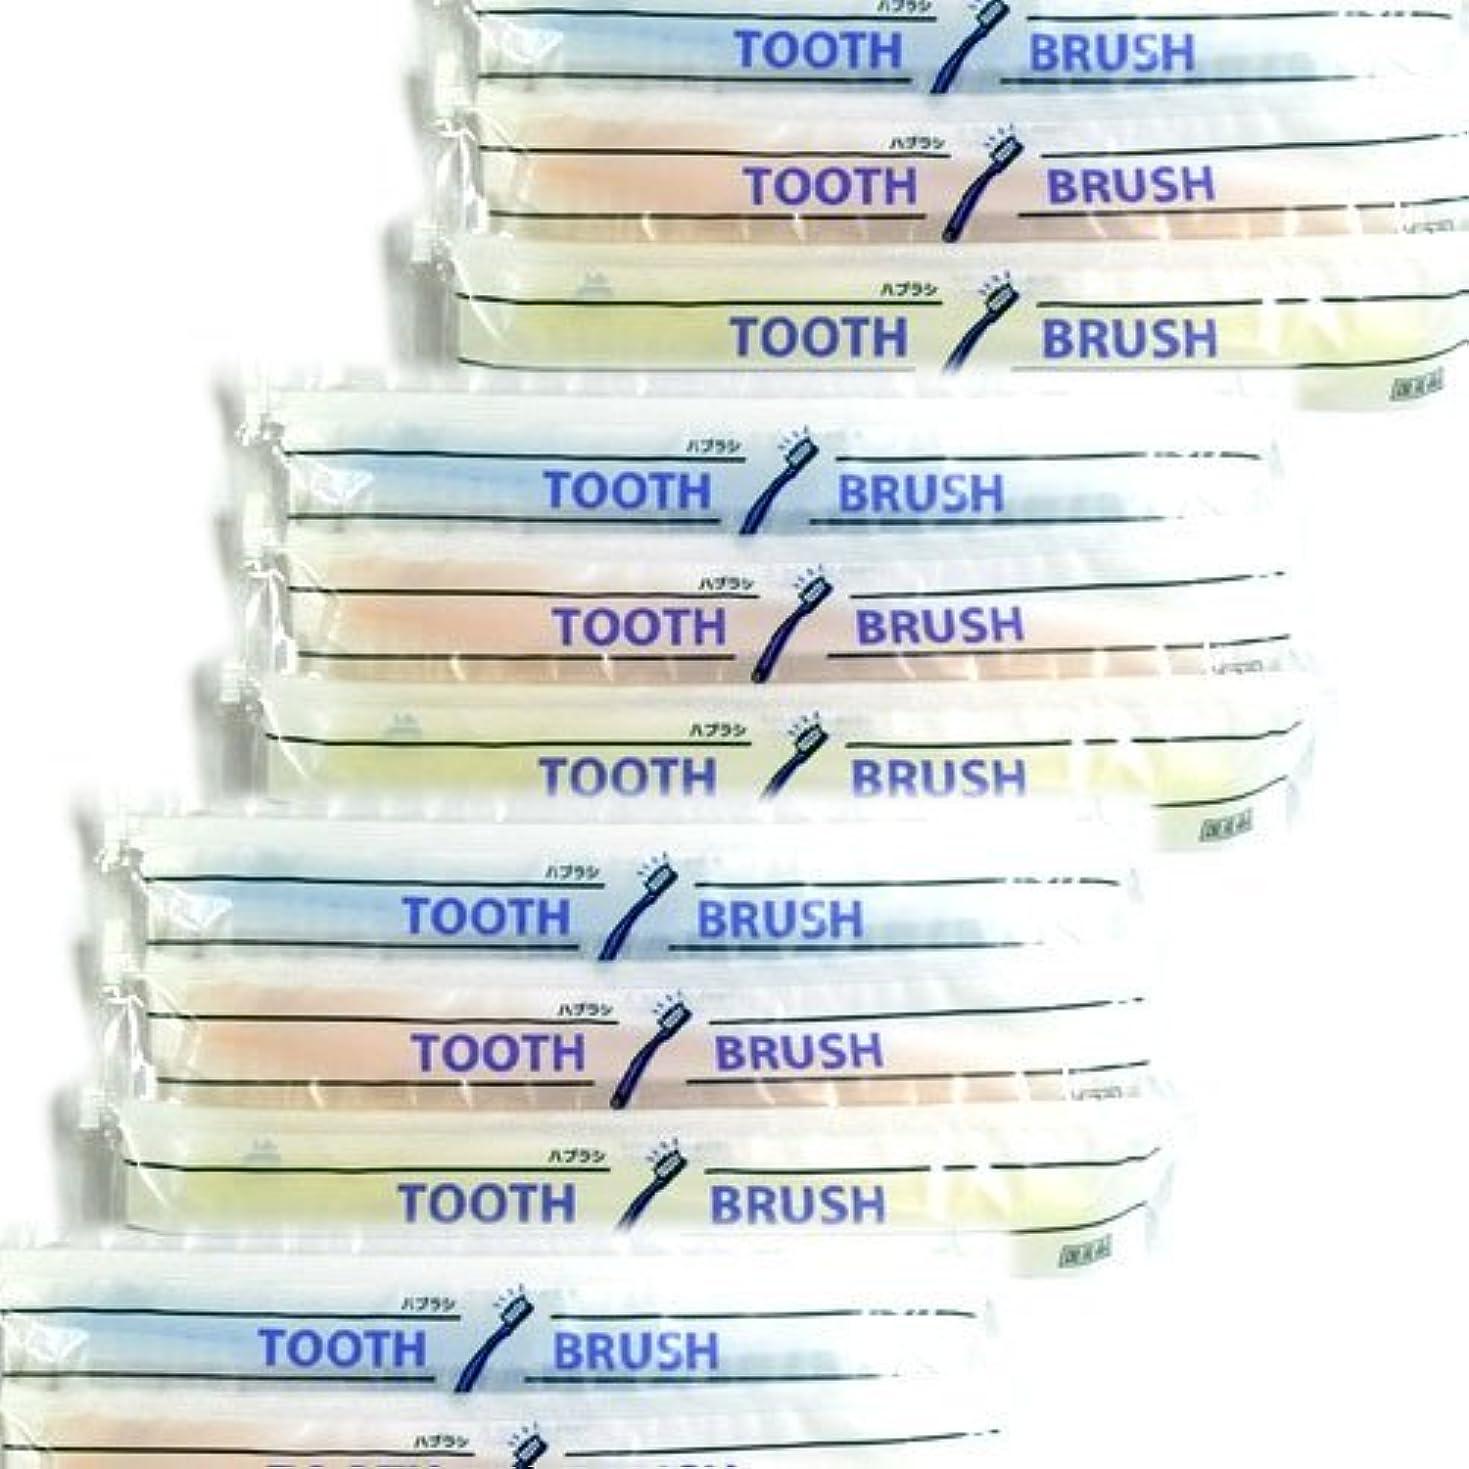 話明るくする爵ホテルアメニティ 業務用 使い捨て(インスタント) 粉付き歯ブラシ × 1000個セット